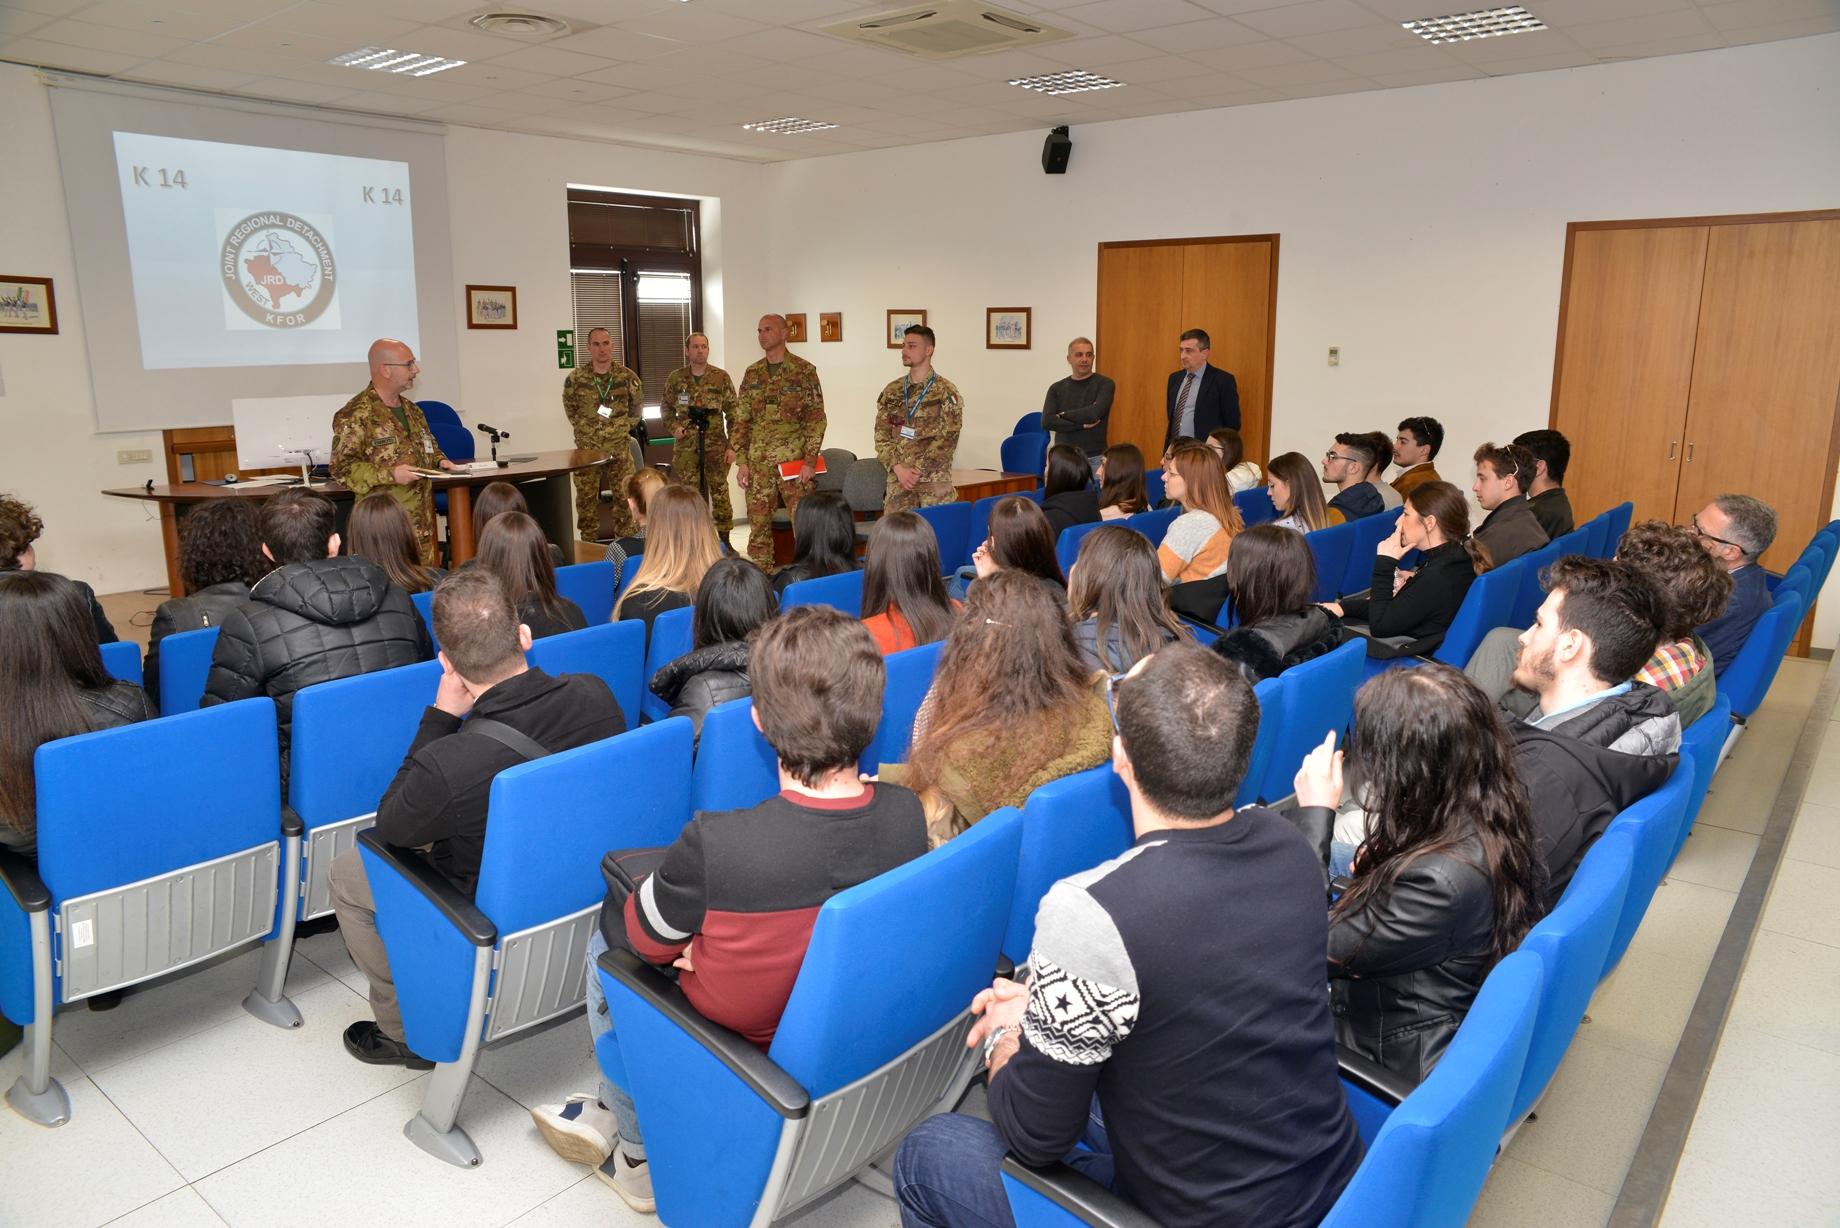 Briefing Col. Alfieri